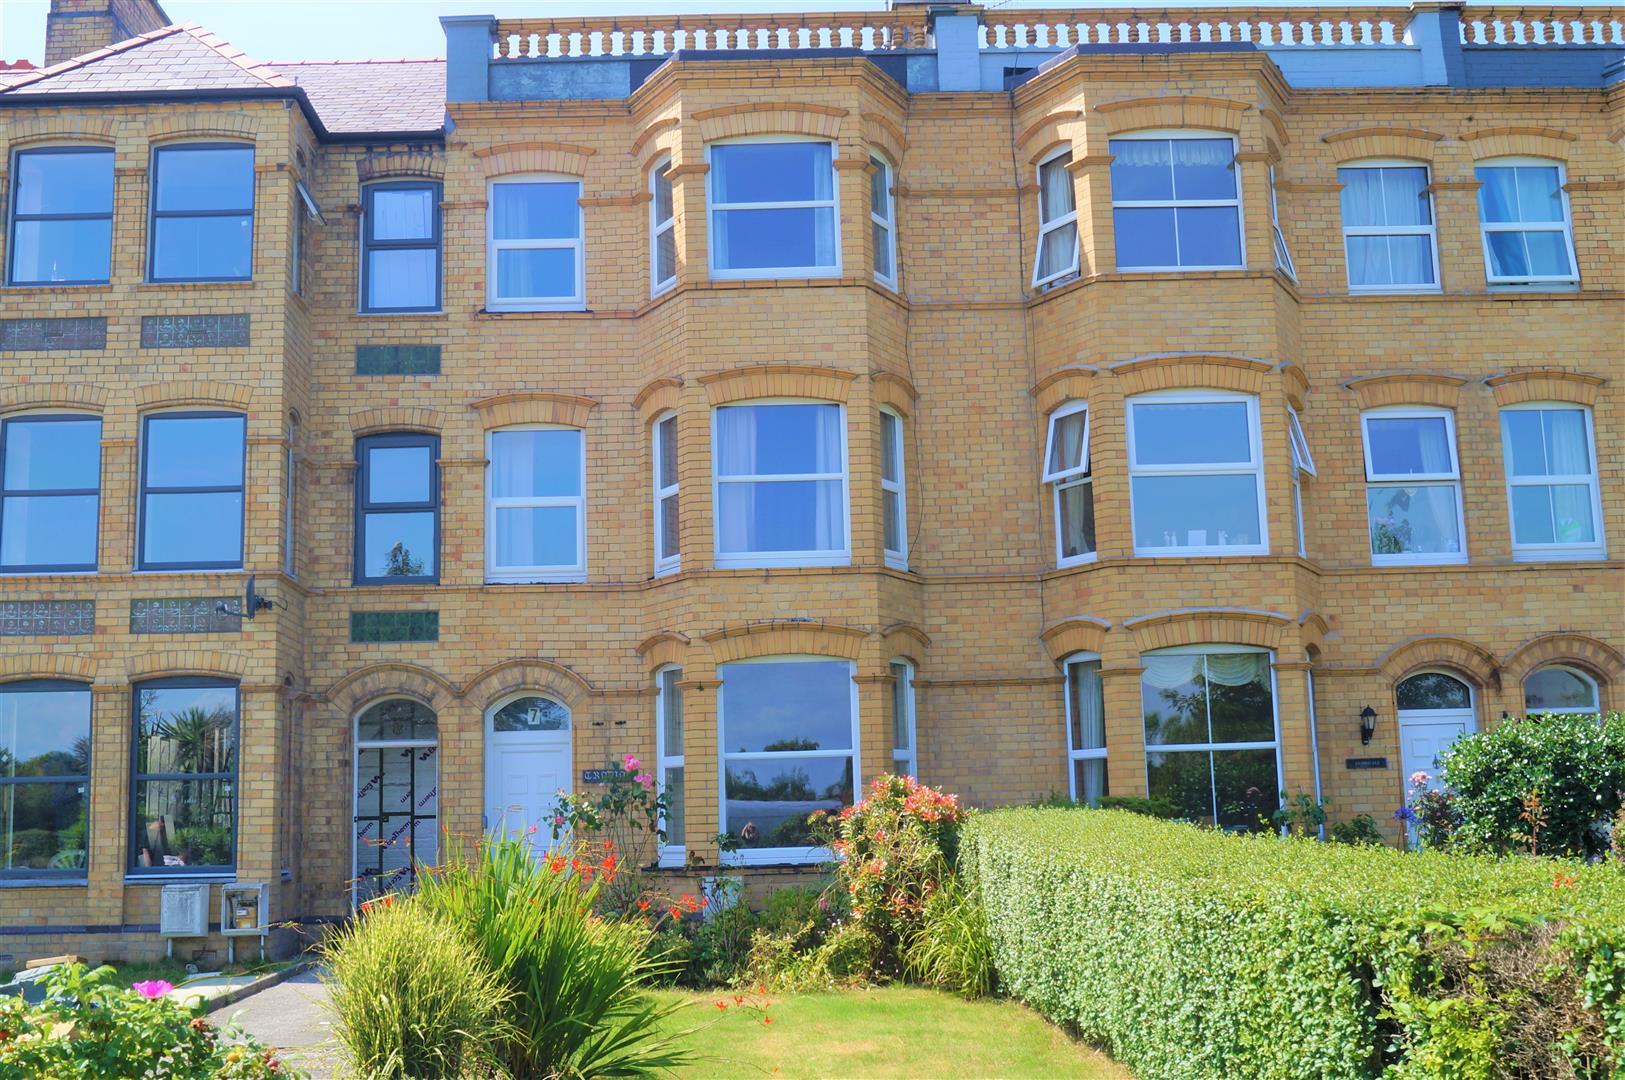 Cardiff Road, Pwllheli - £199,950